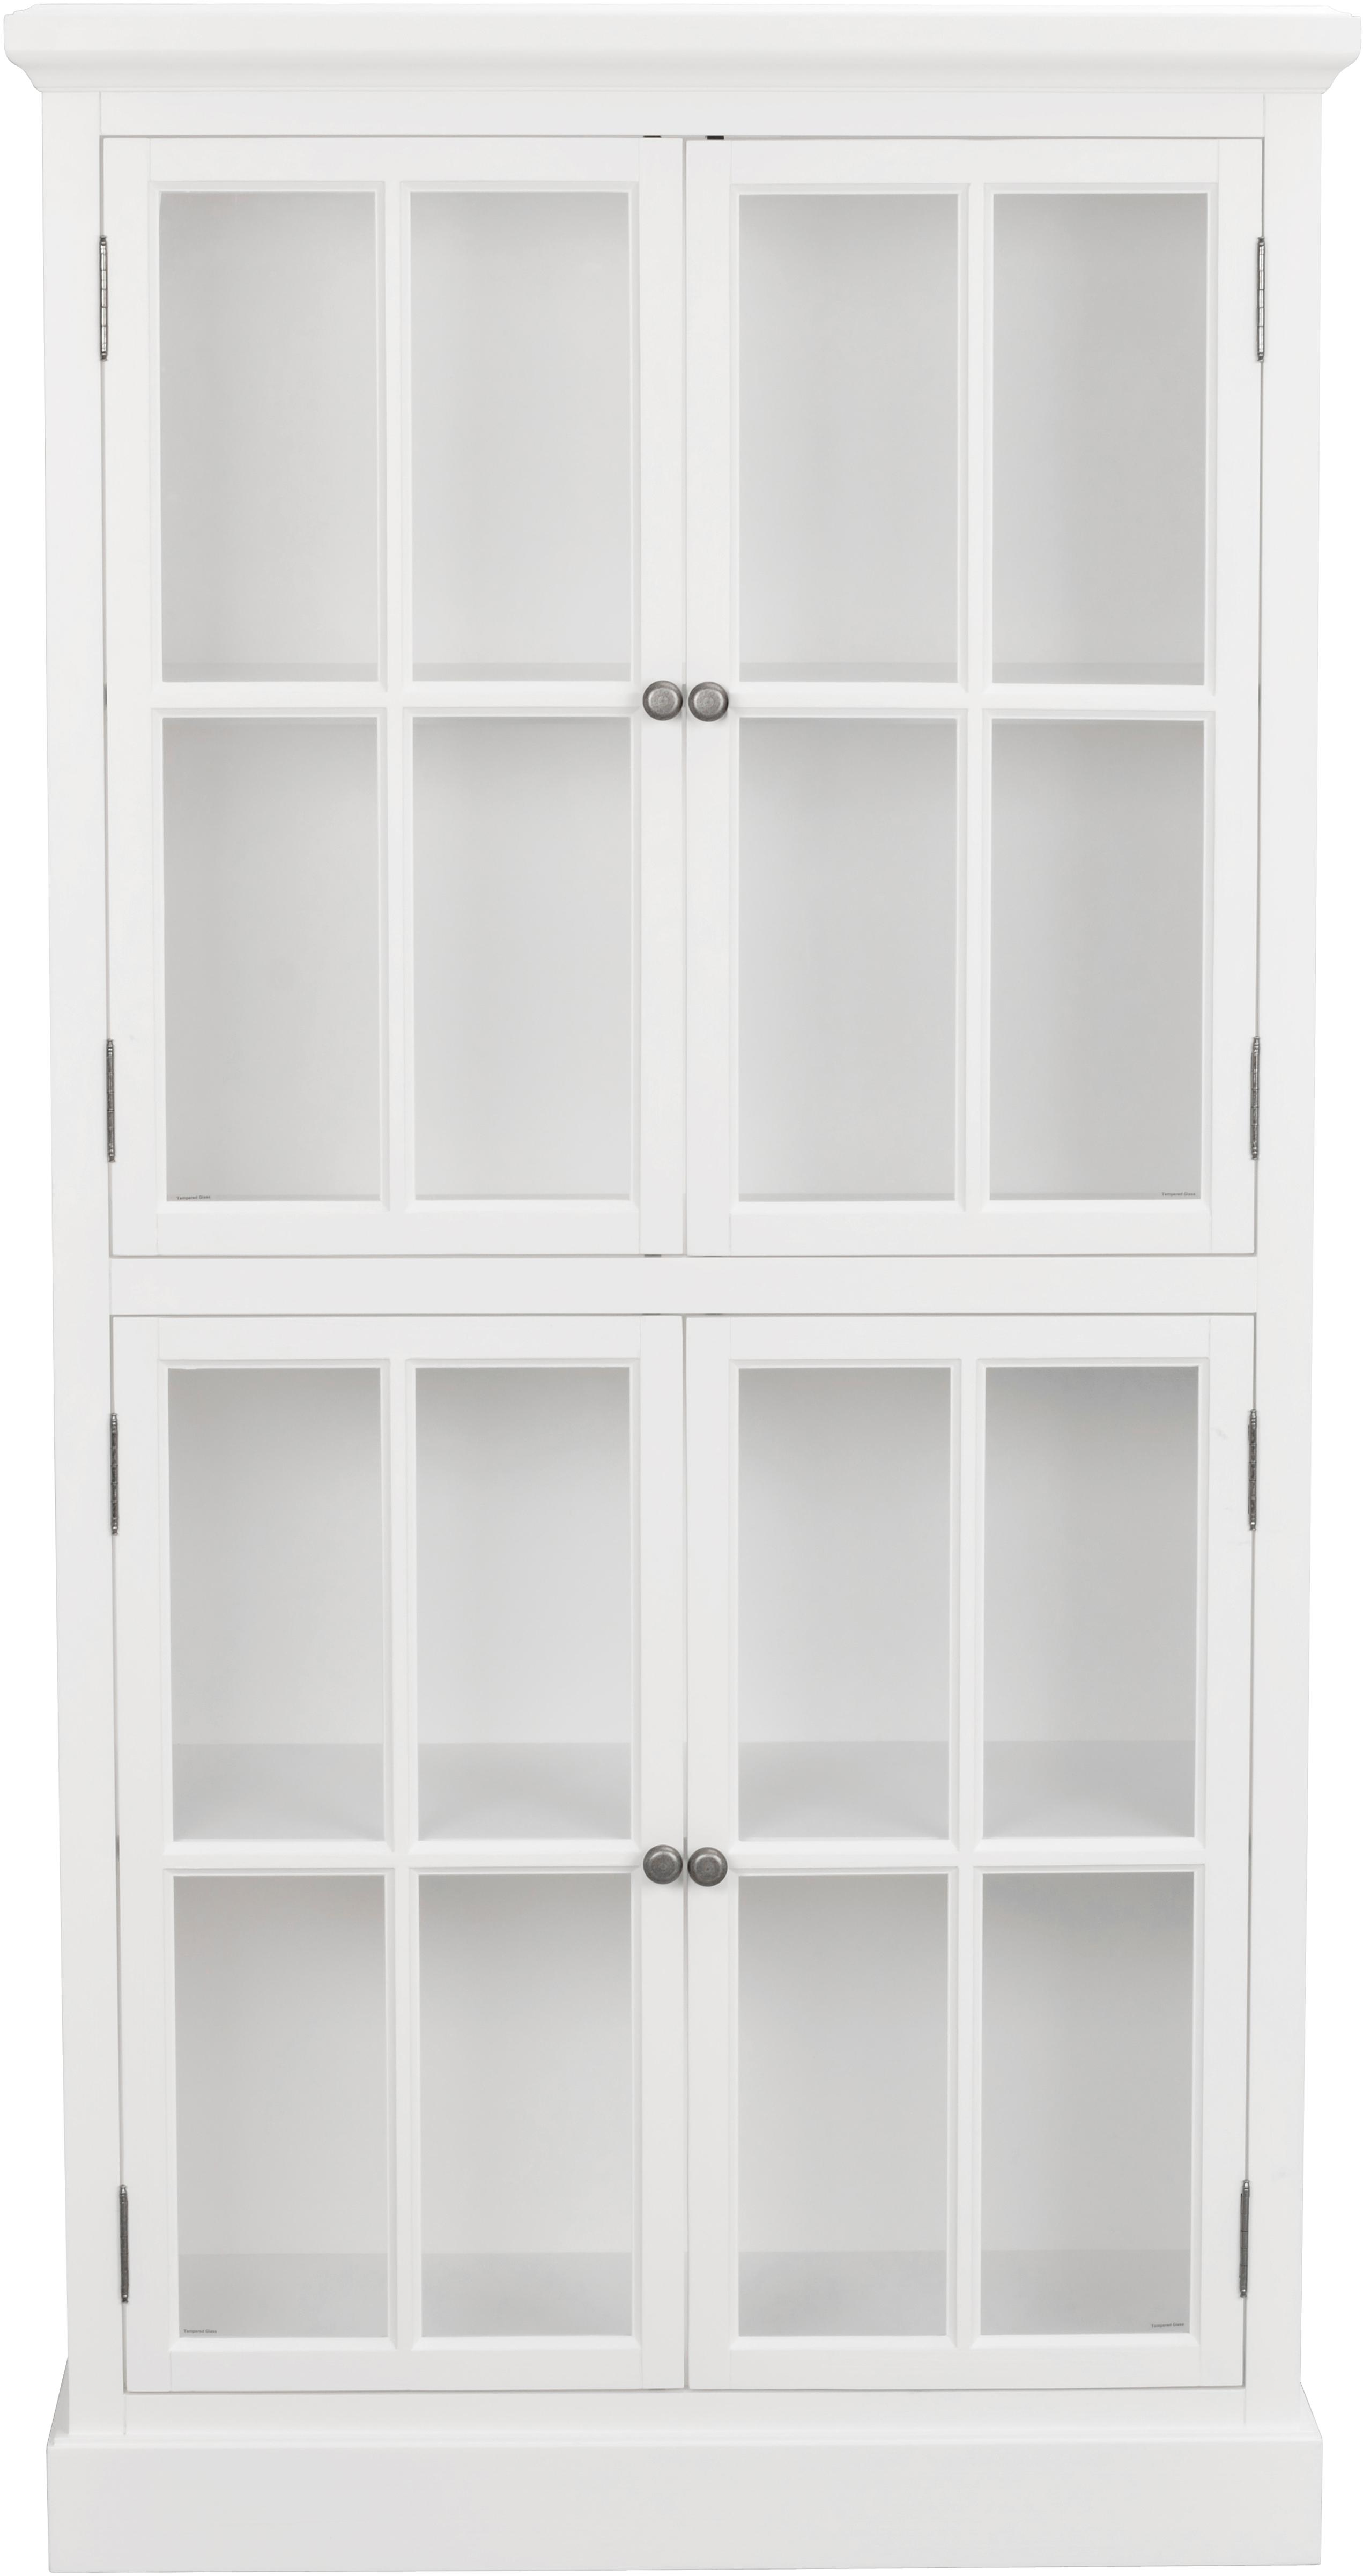 Glasvitrine Lorient in Weiss, Kiefernholz, lackiert, Mitteldichte Holzfaserplatte (MDF), Weiss, 95 x 185 cm